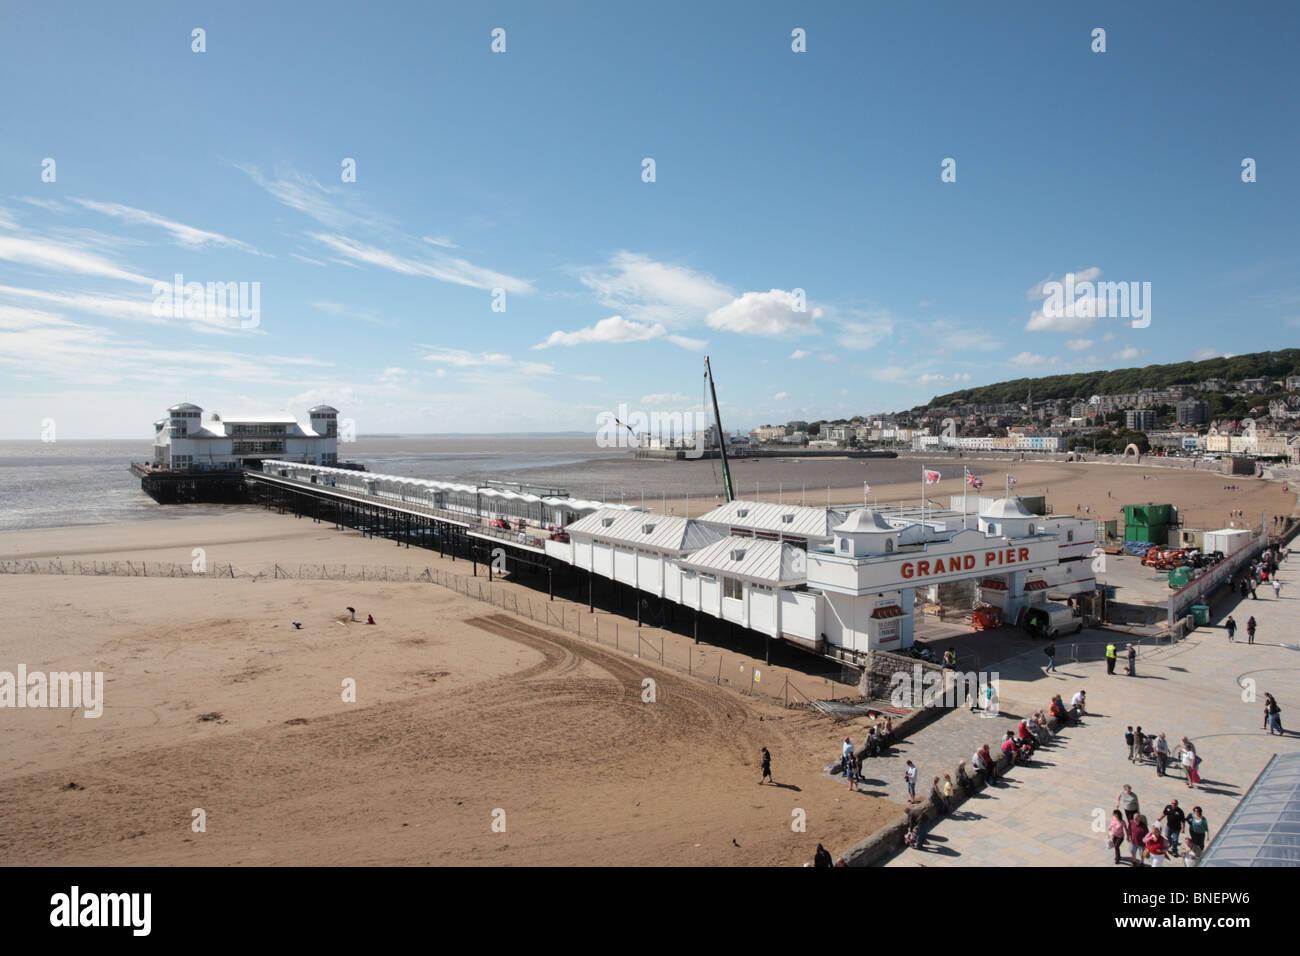 The rebuilt Grand Pier, Weston-Super-Mare - Stock Image